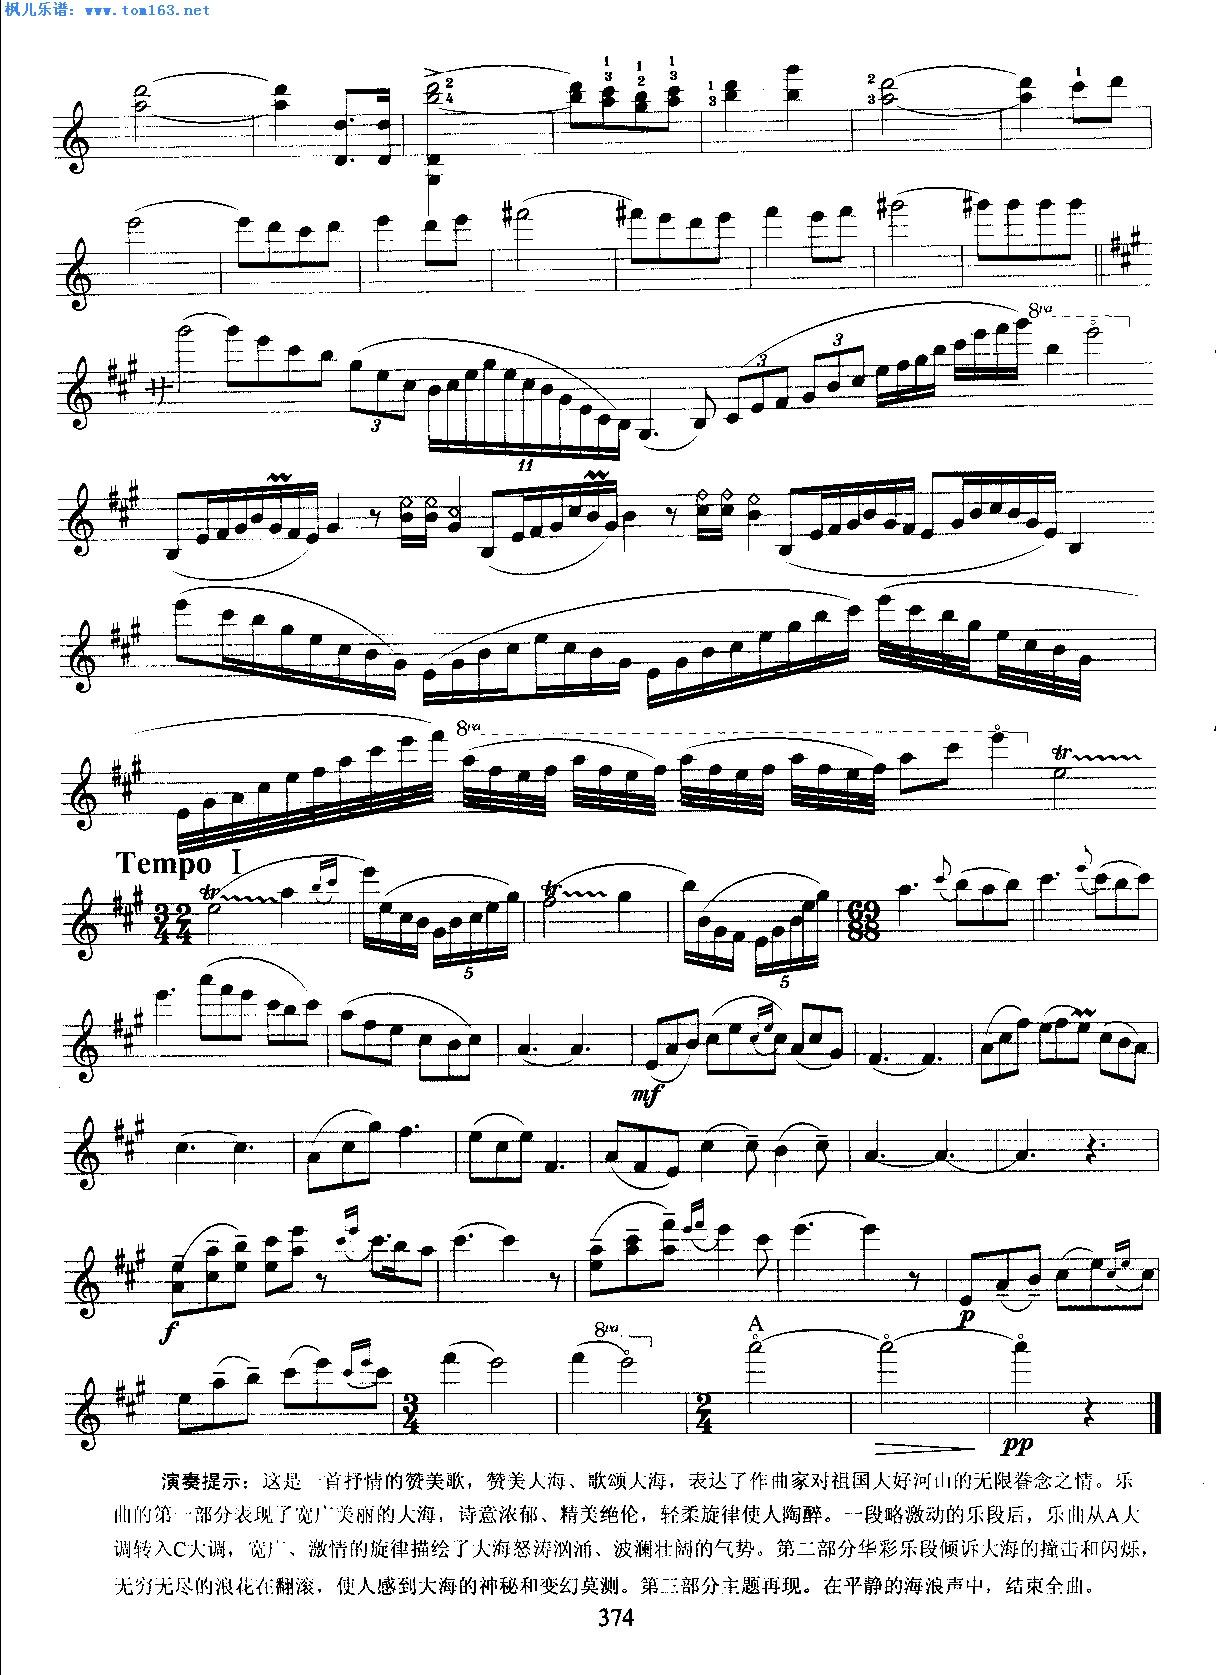 海滨音诗(秦咏诚)小提琴谱